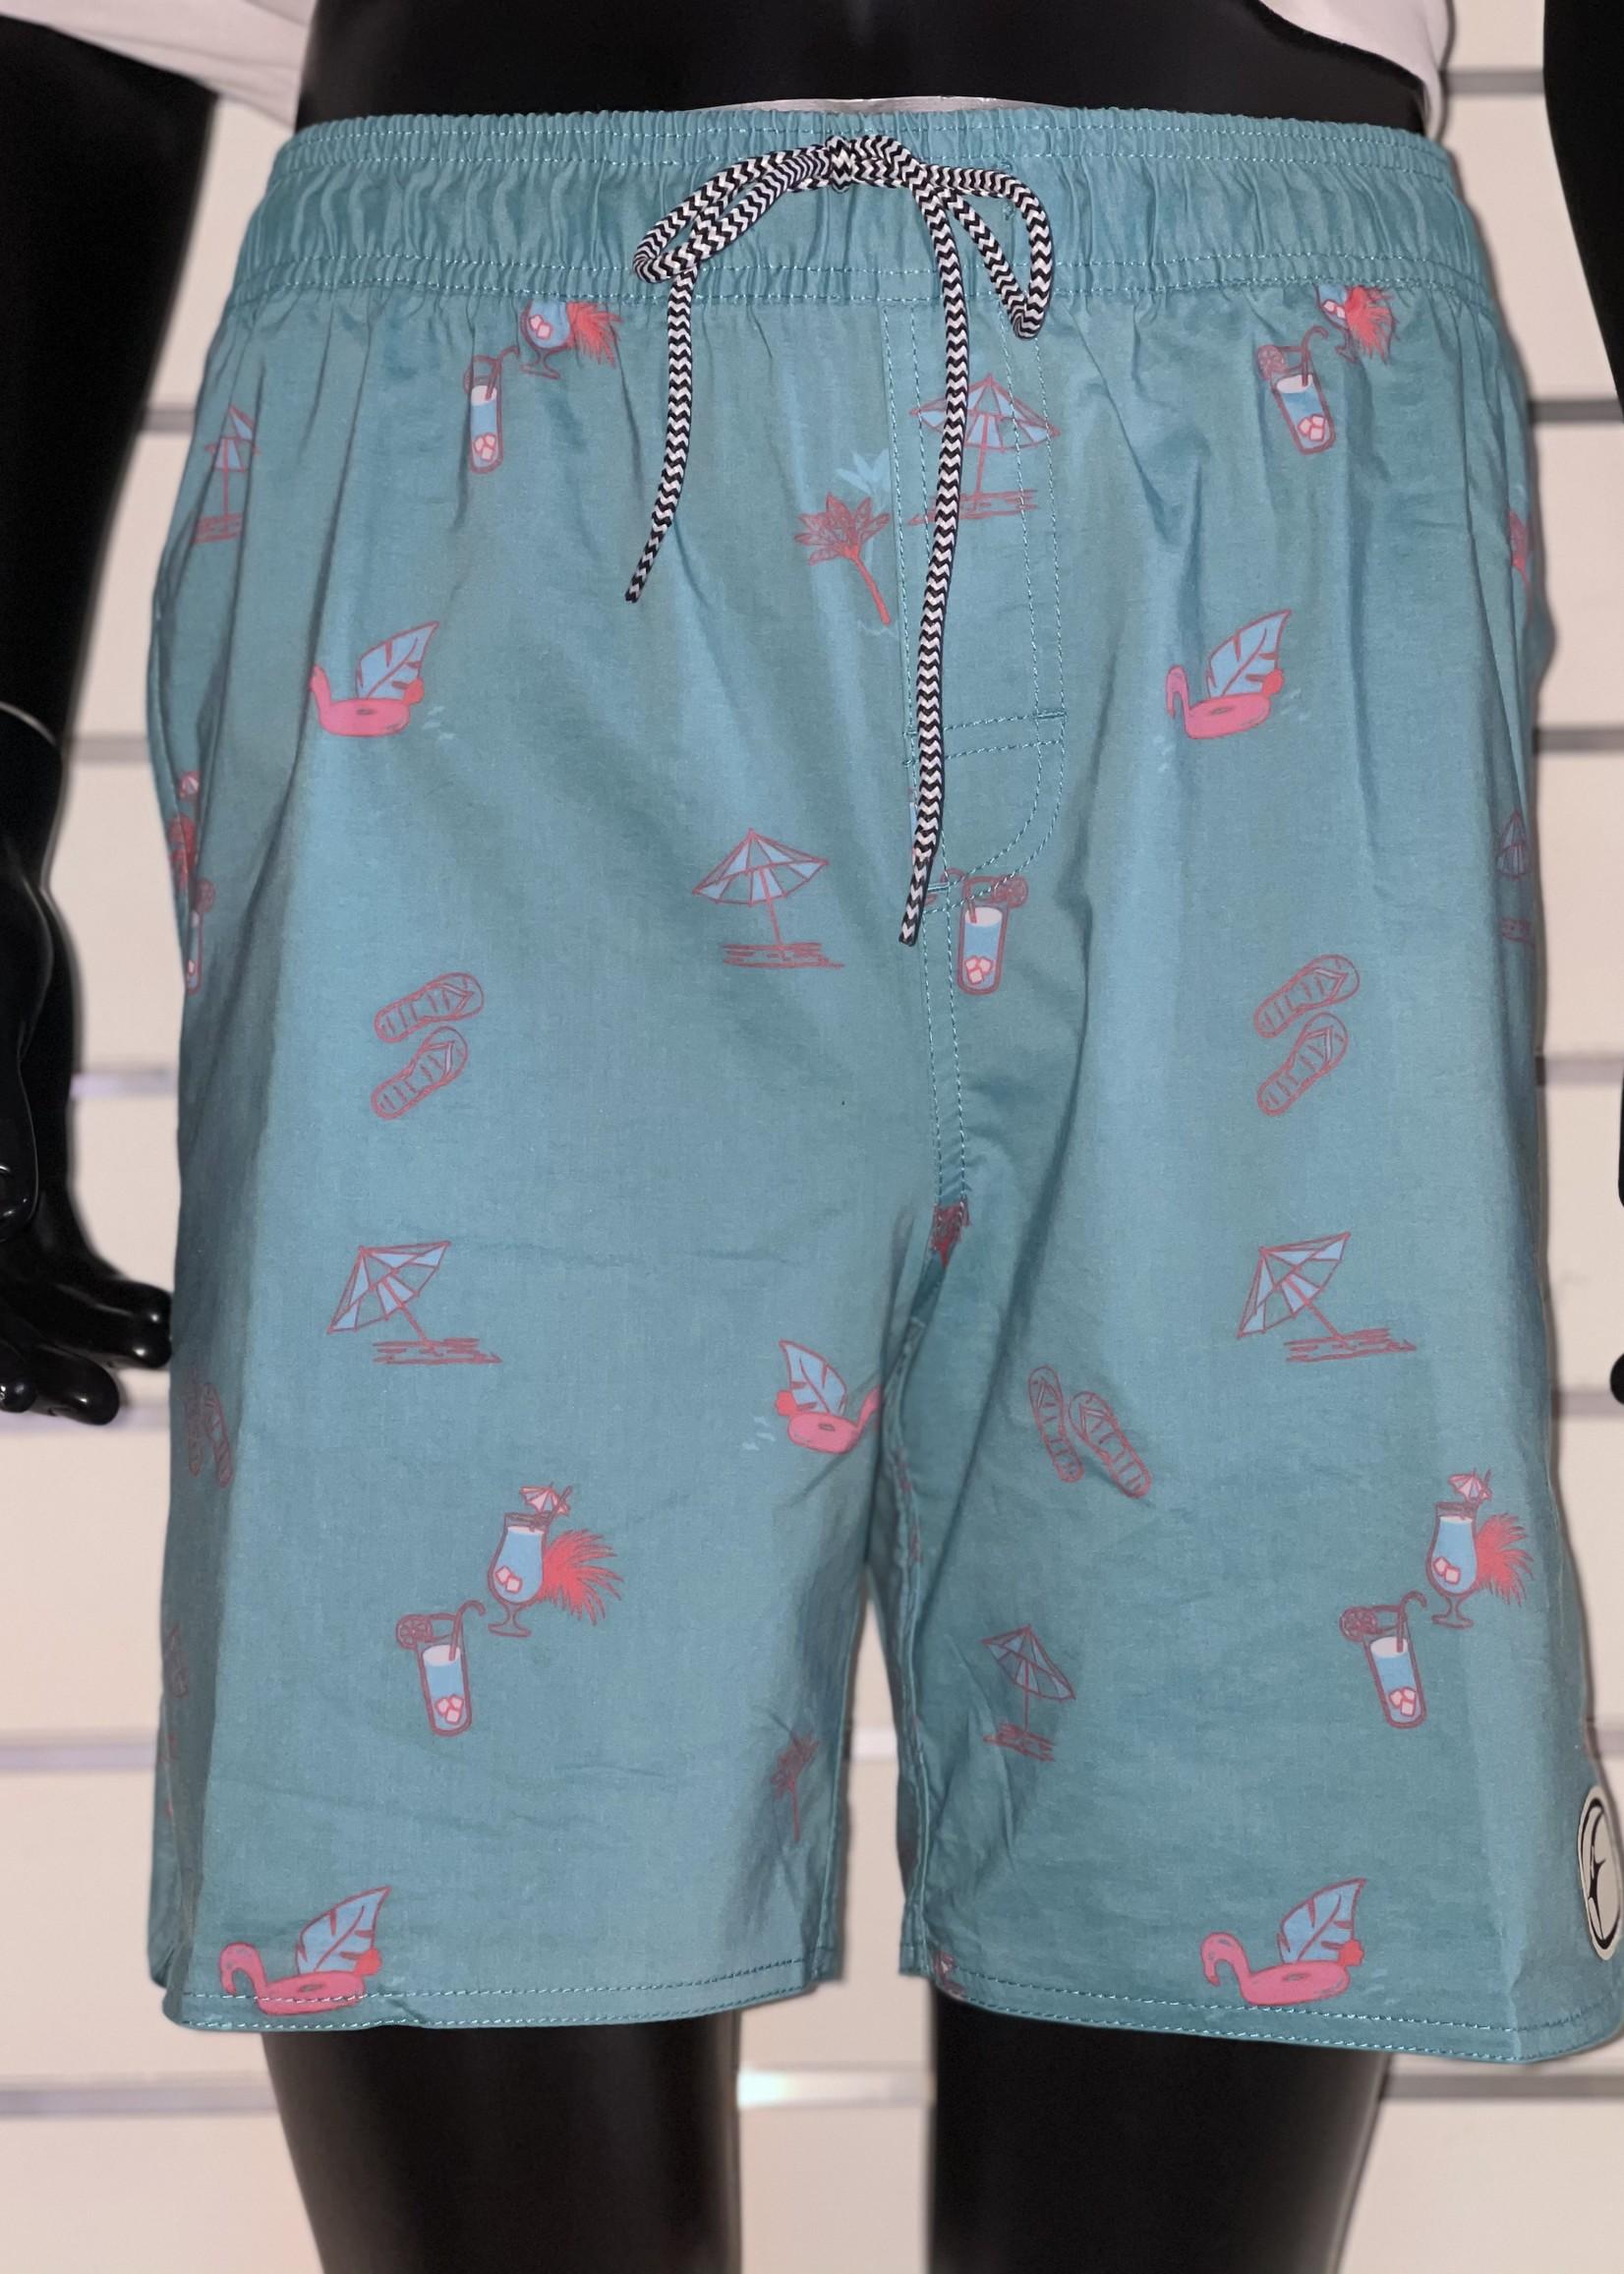 FREE YOUR MIND Flamingo Elastic Shorts